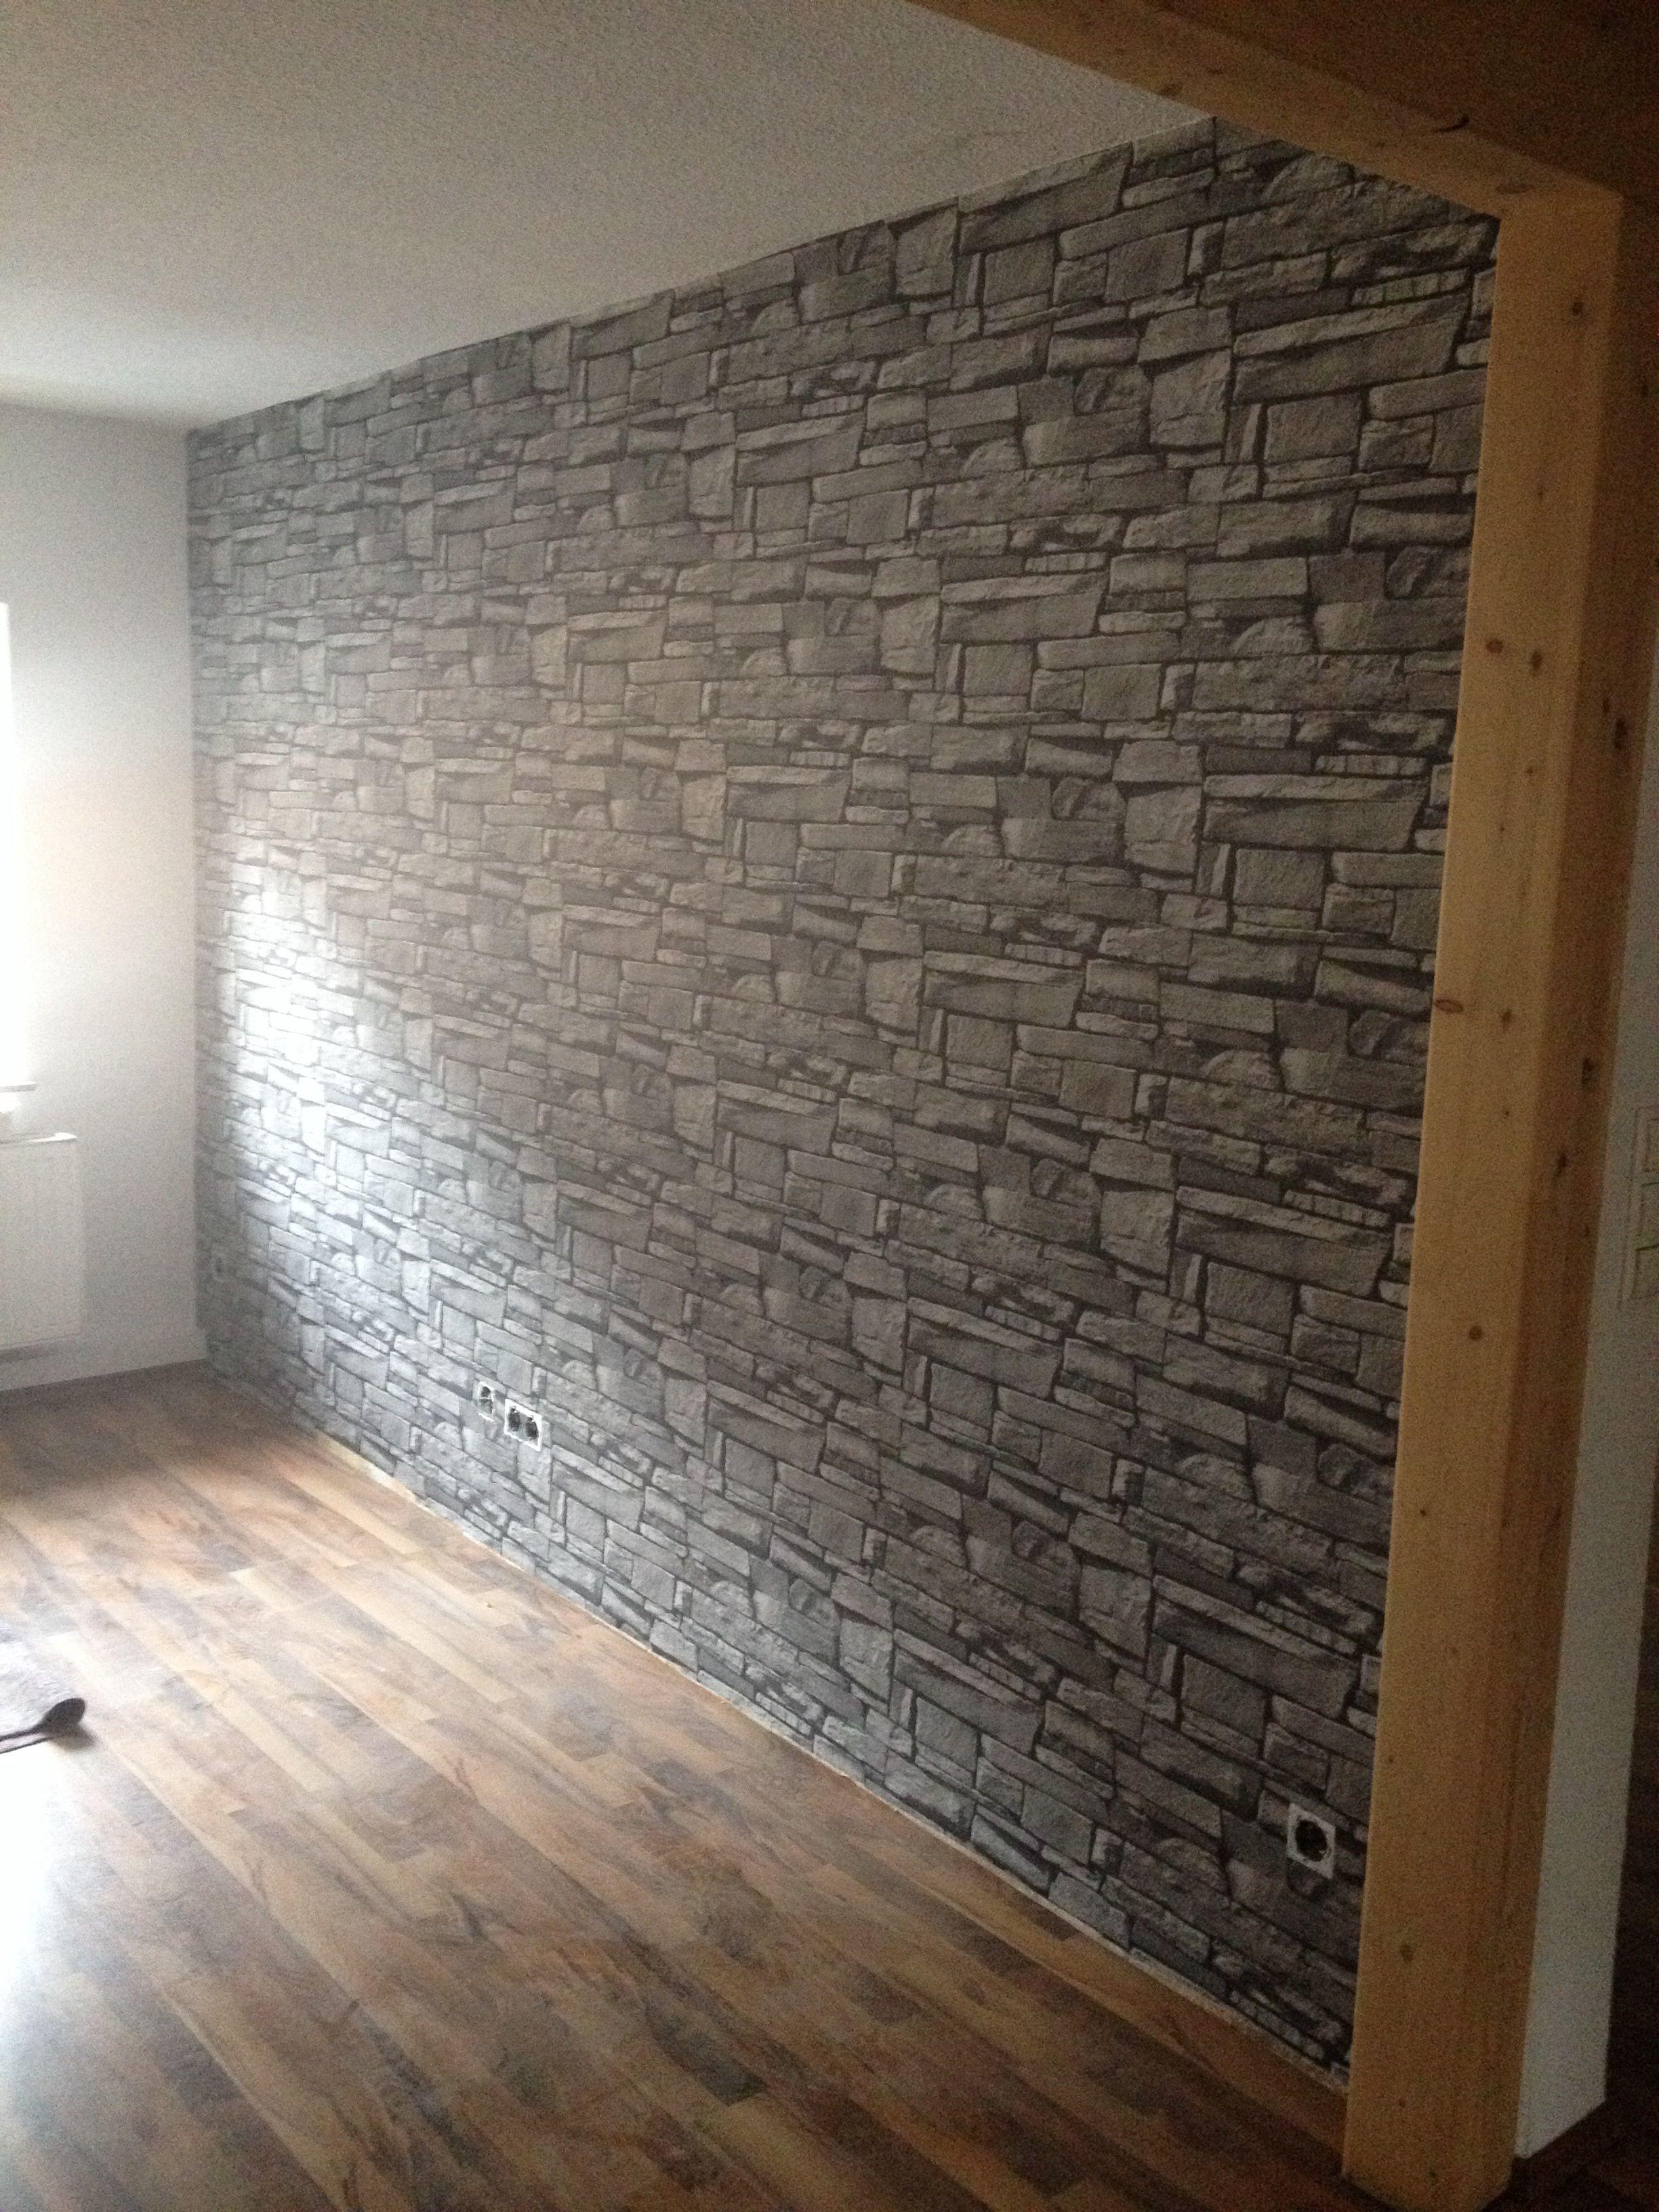 Raumgestaltung Wohnzimmer Tapeten – Reiquest.com